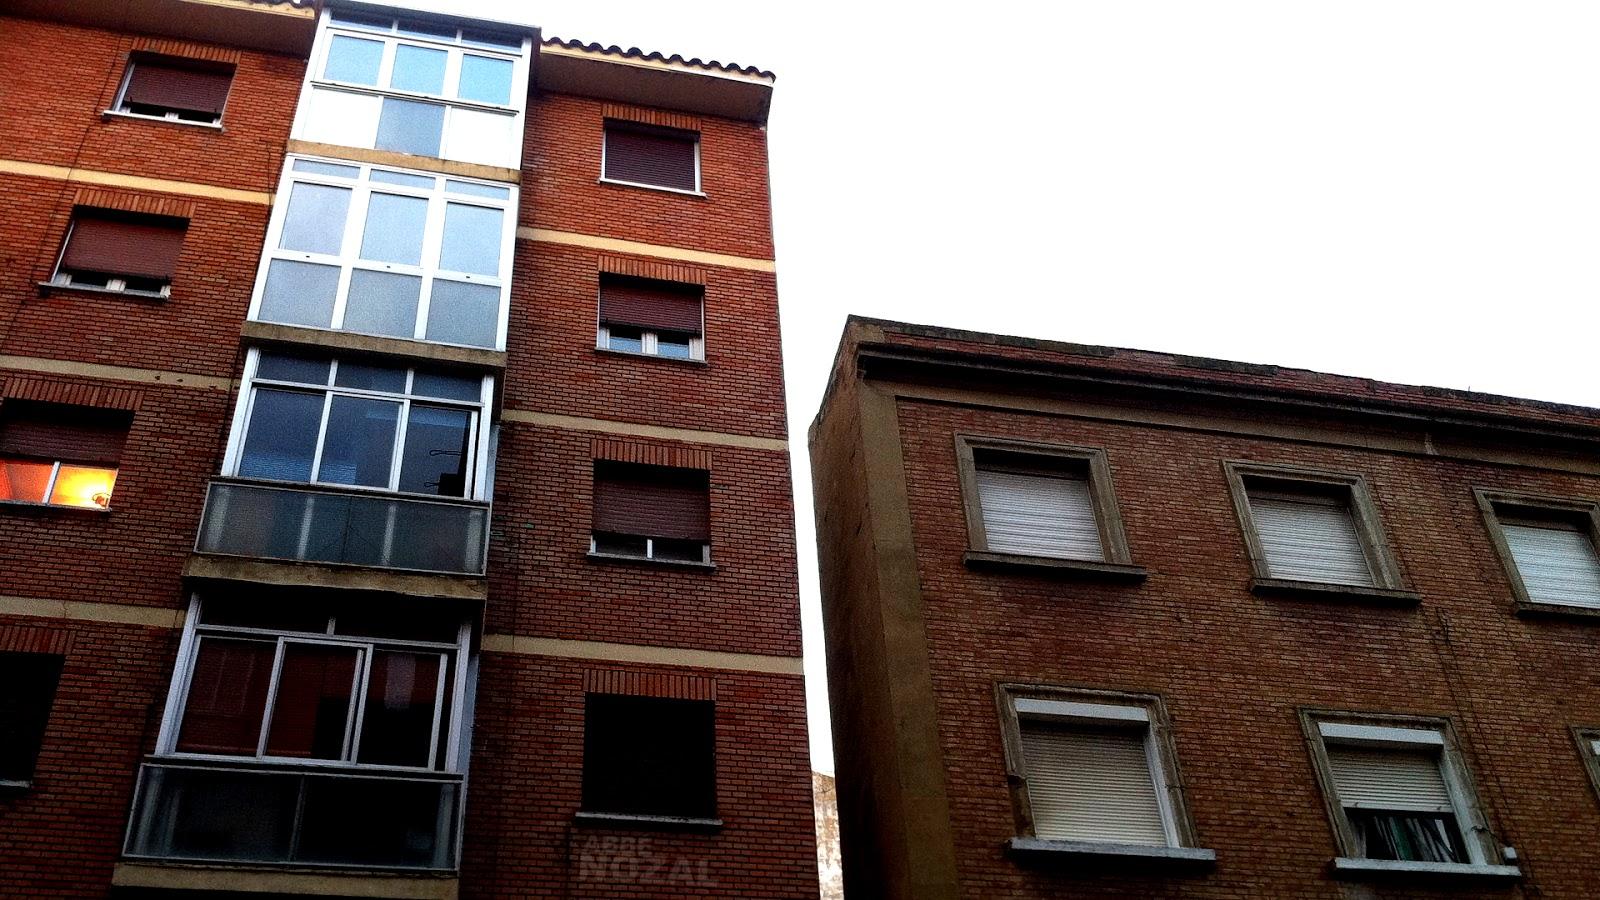 El callejón más estrecho del mundo, 2014 Abbé Nozal